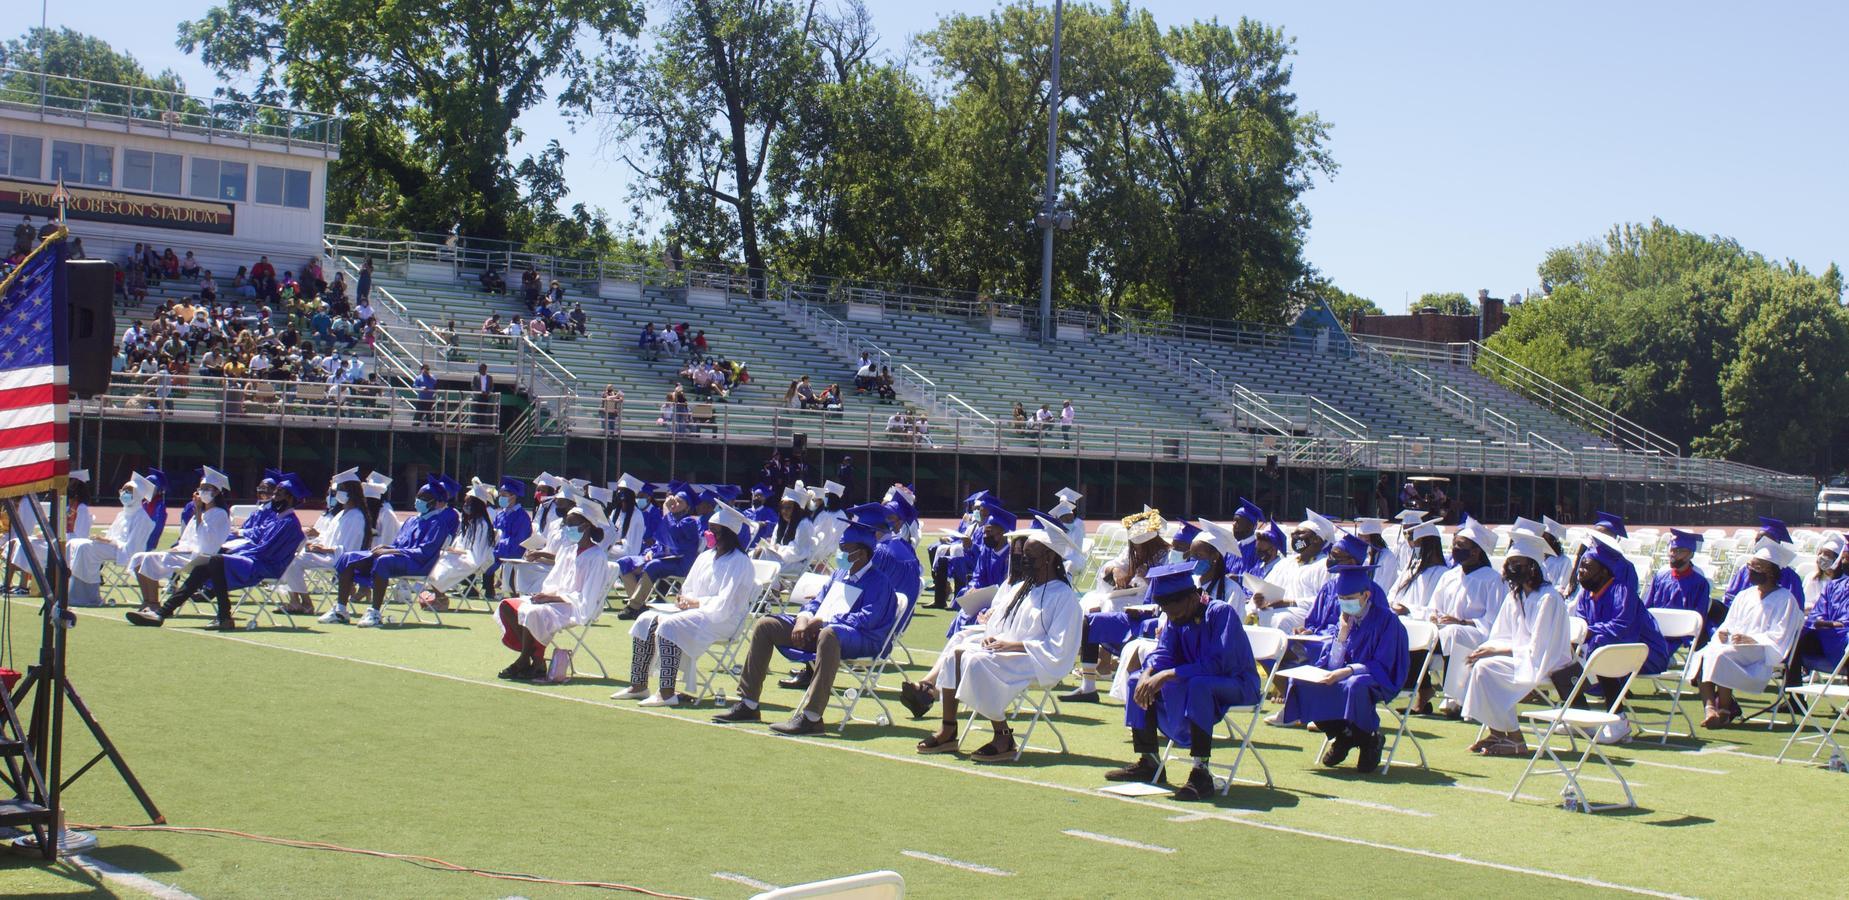 8th grade gradutation